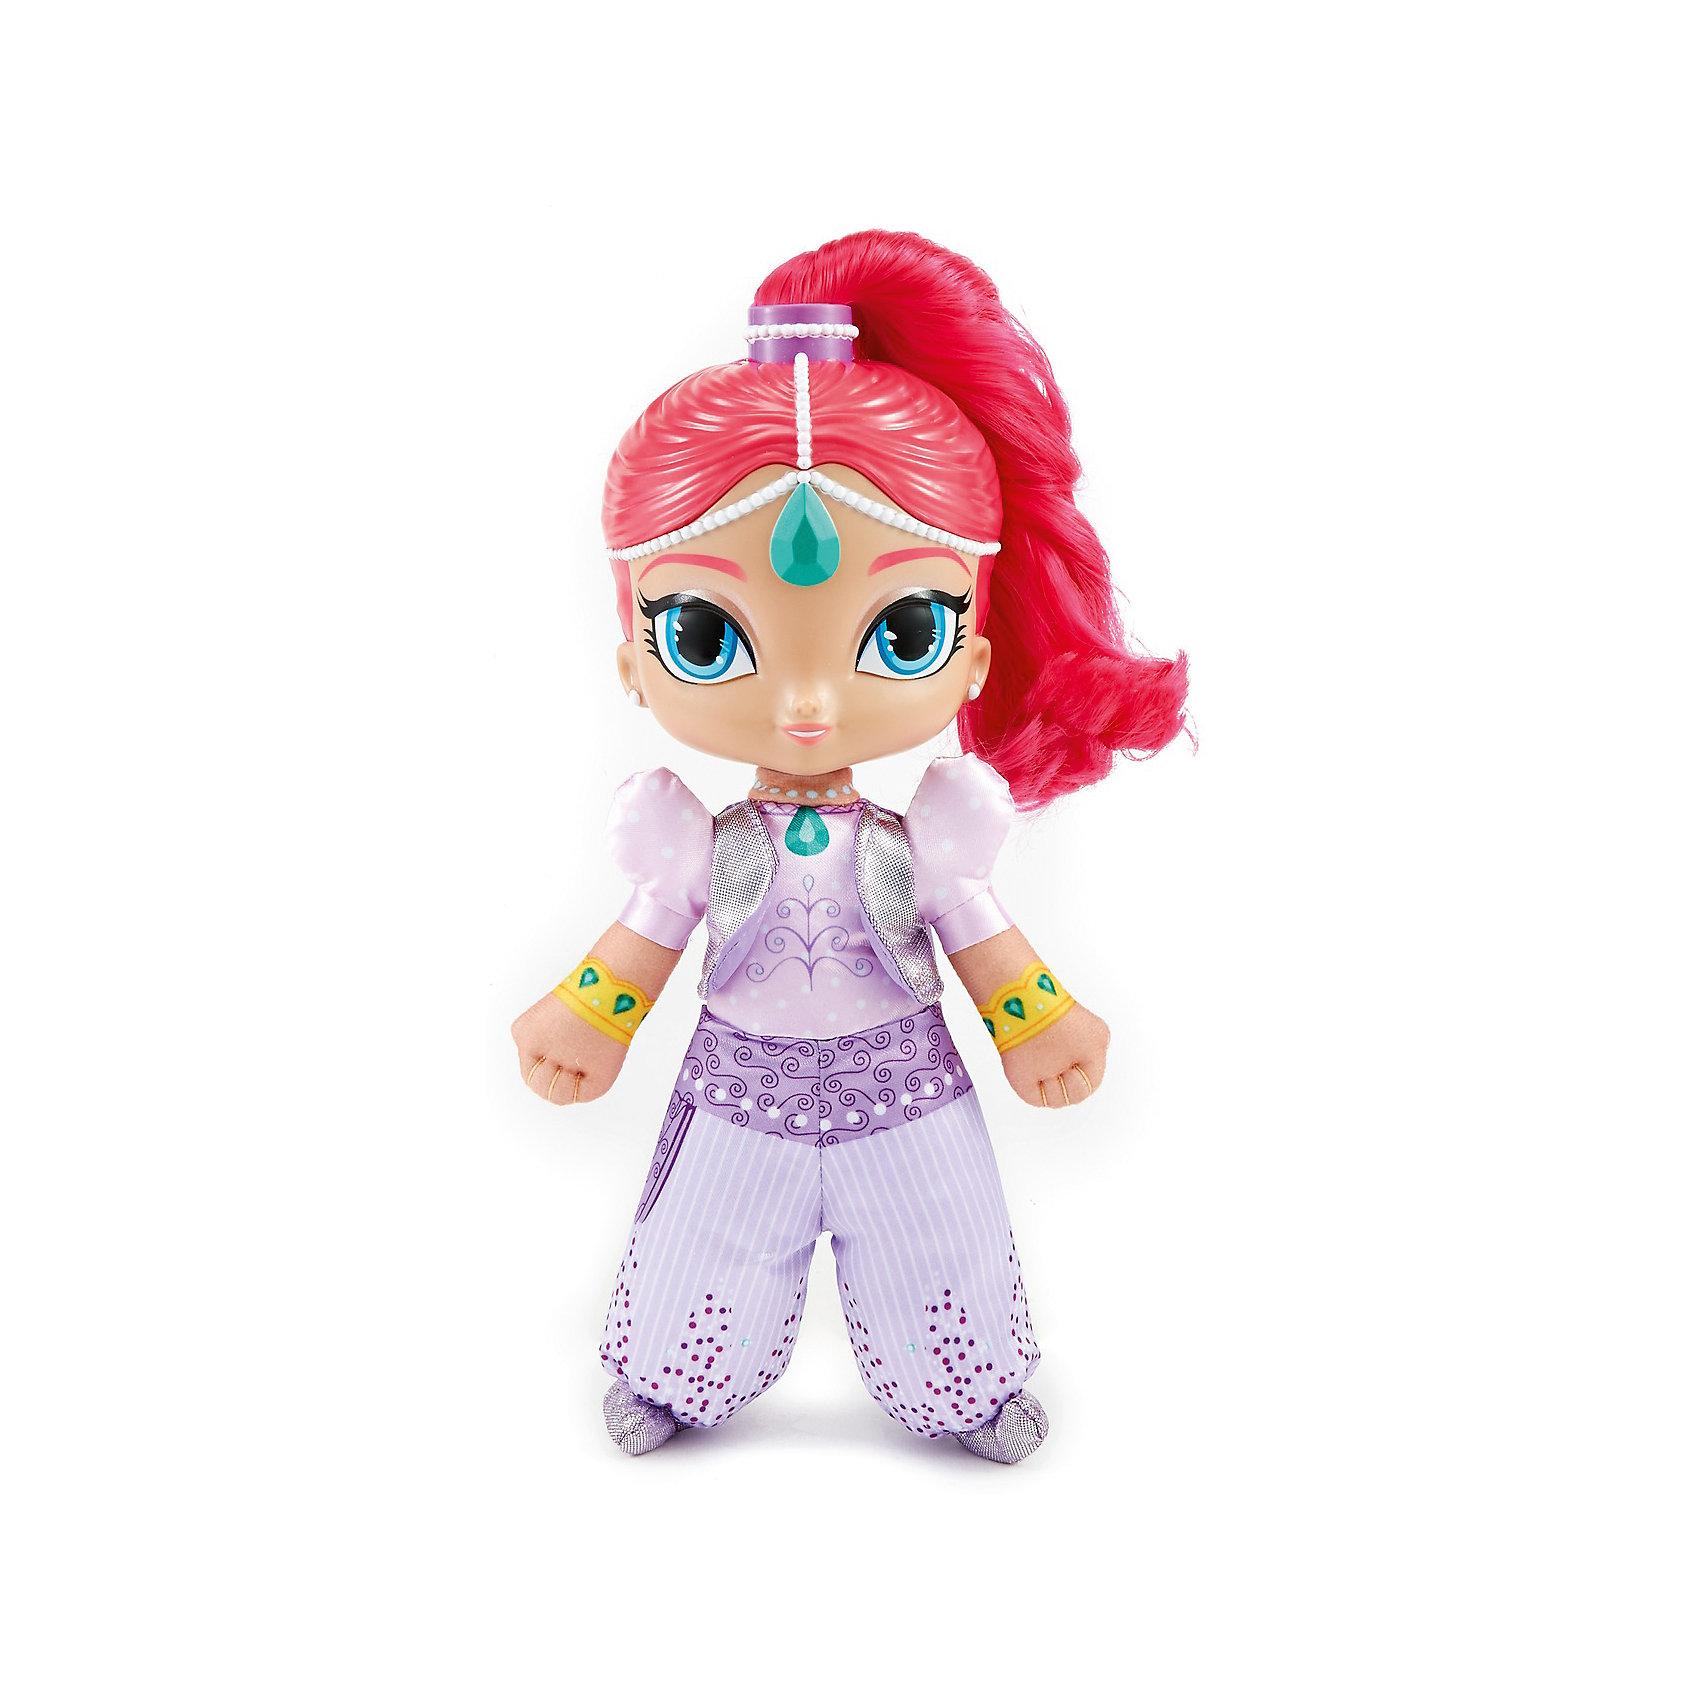 Поющая кукла Шиммер, Shimmer&amp;ShineМини-куклы<br><br><br>Ширина мм: 165<br>Глубина мм: 110<br>Высота мм: 330<br>Вес г: 498<br>Возраст от месяцев: 36<br>Возраст до месяцев: 120<br>Пол: Женский<br>Возраст: Детский<br>SKU: 5440254